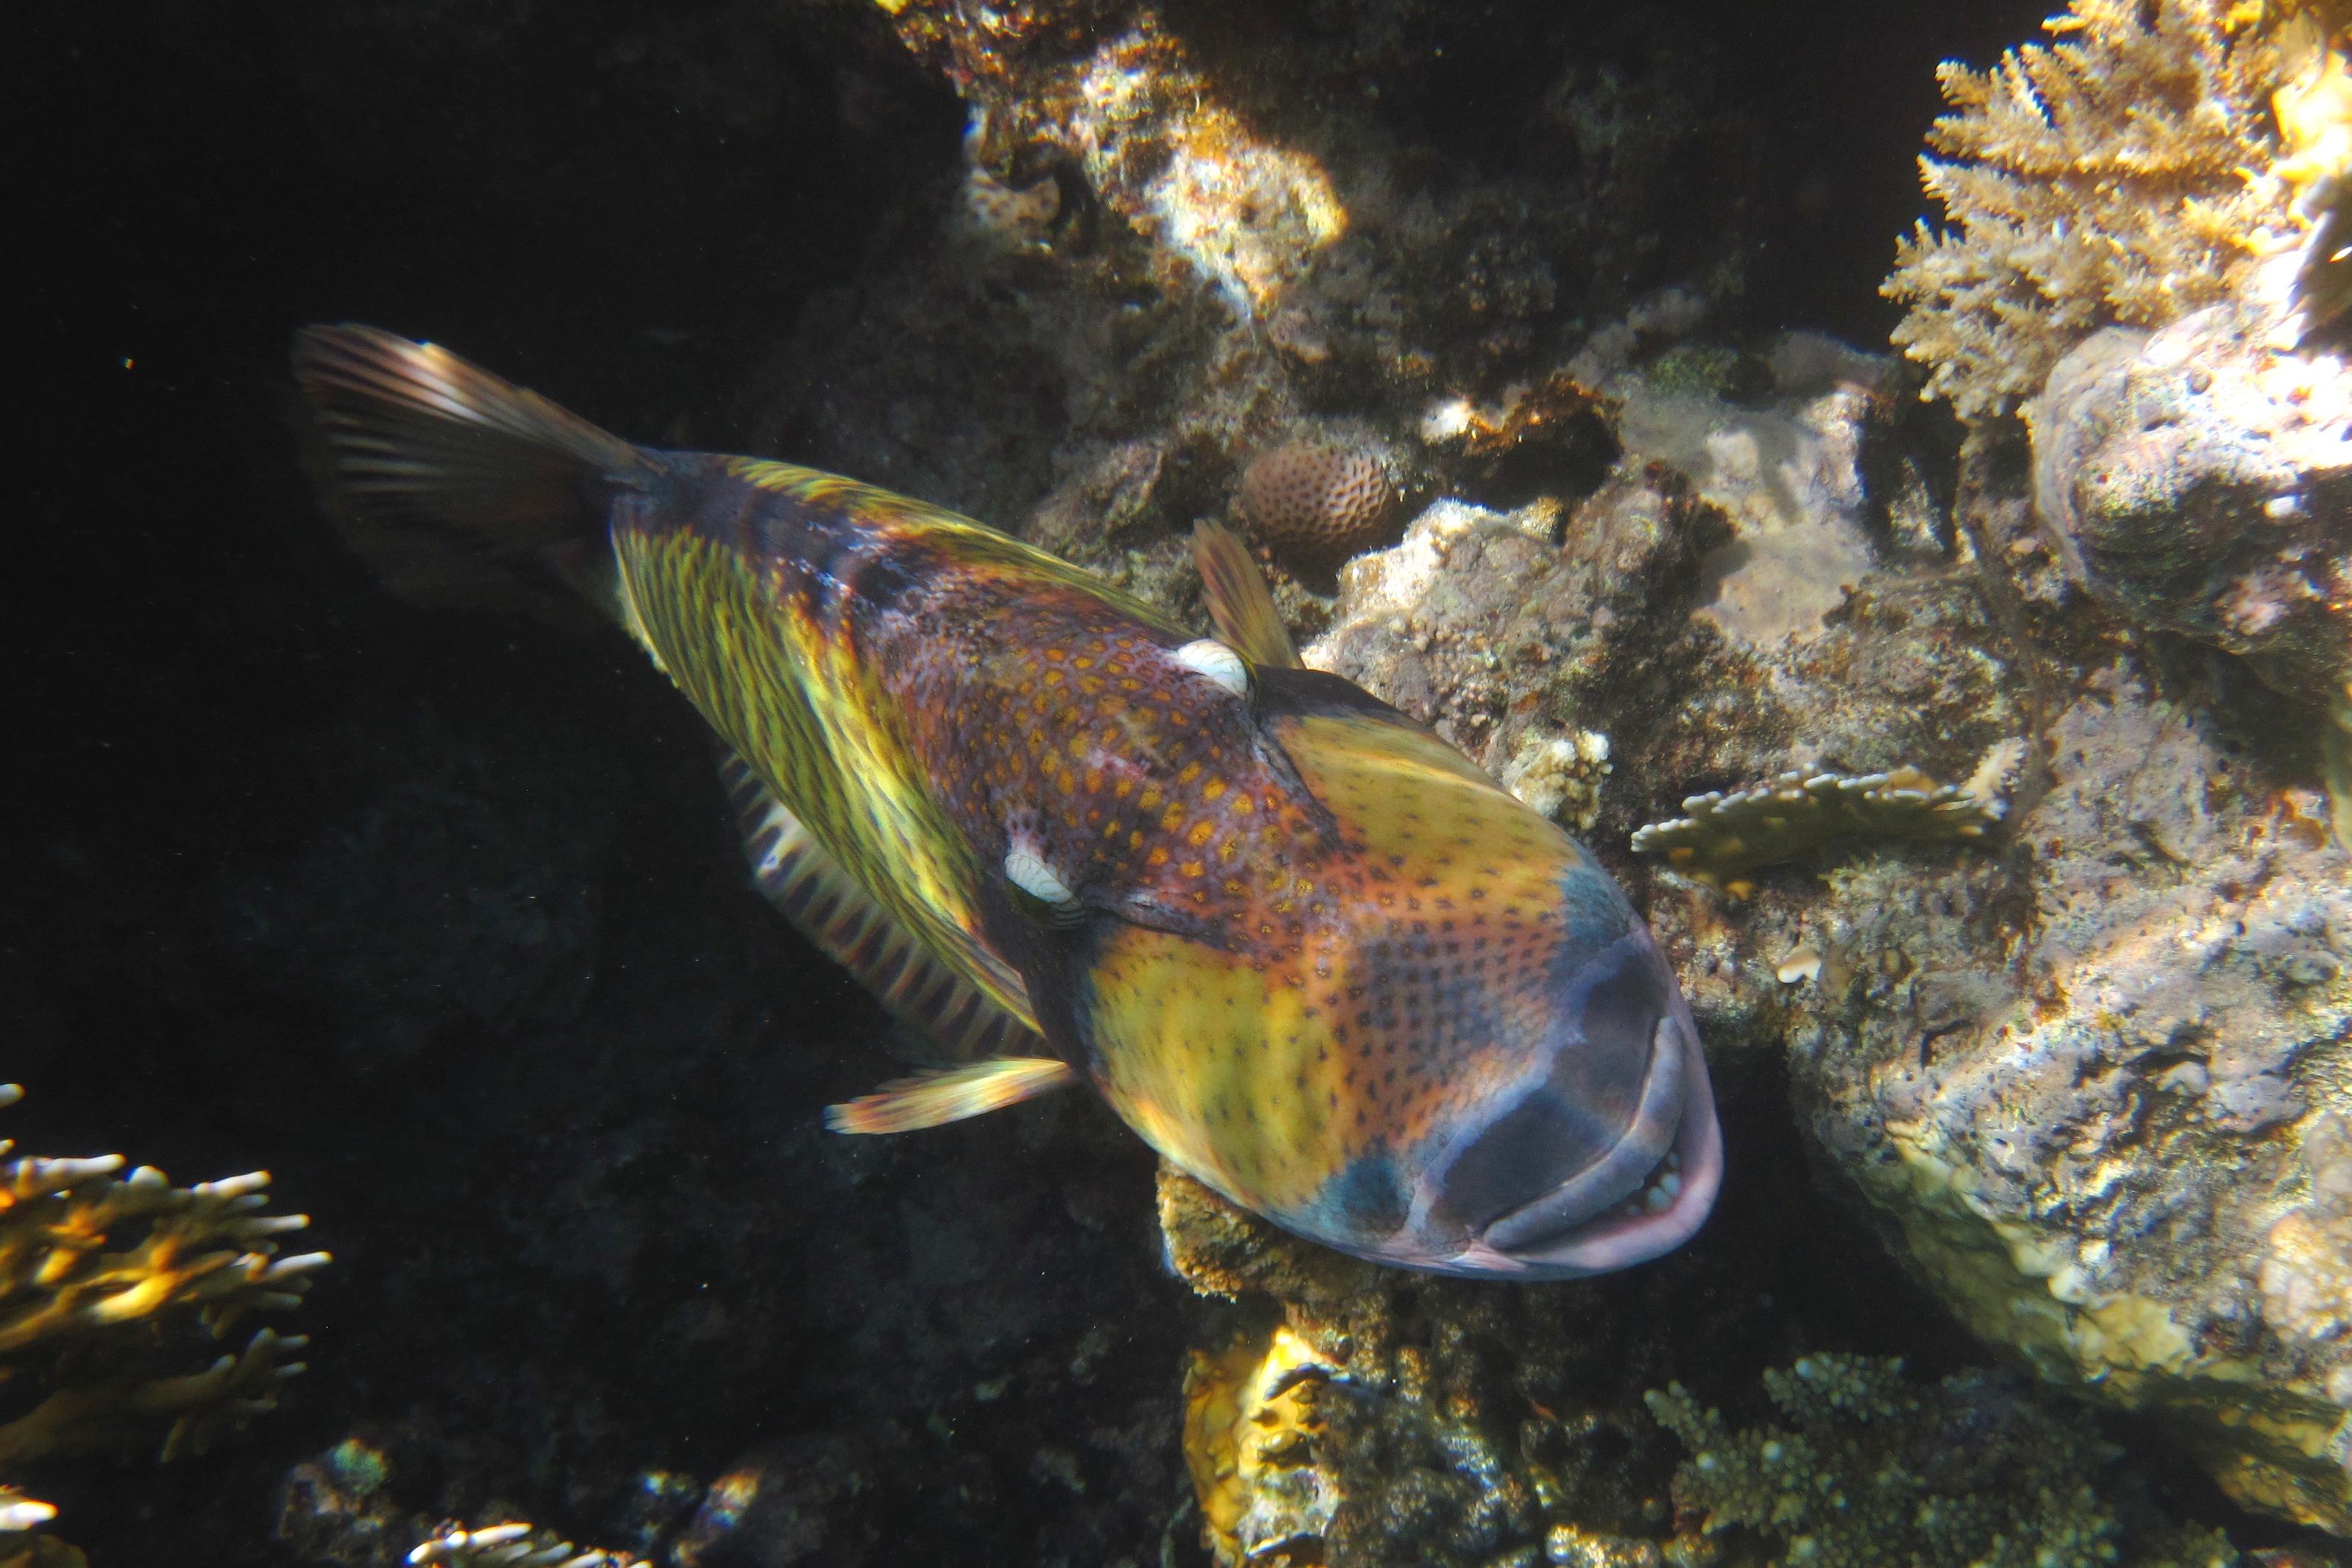 Balistoides viridescens